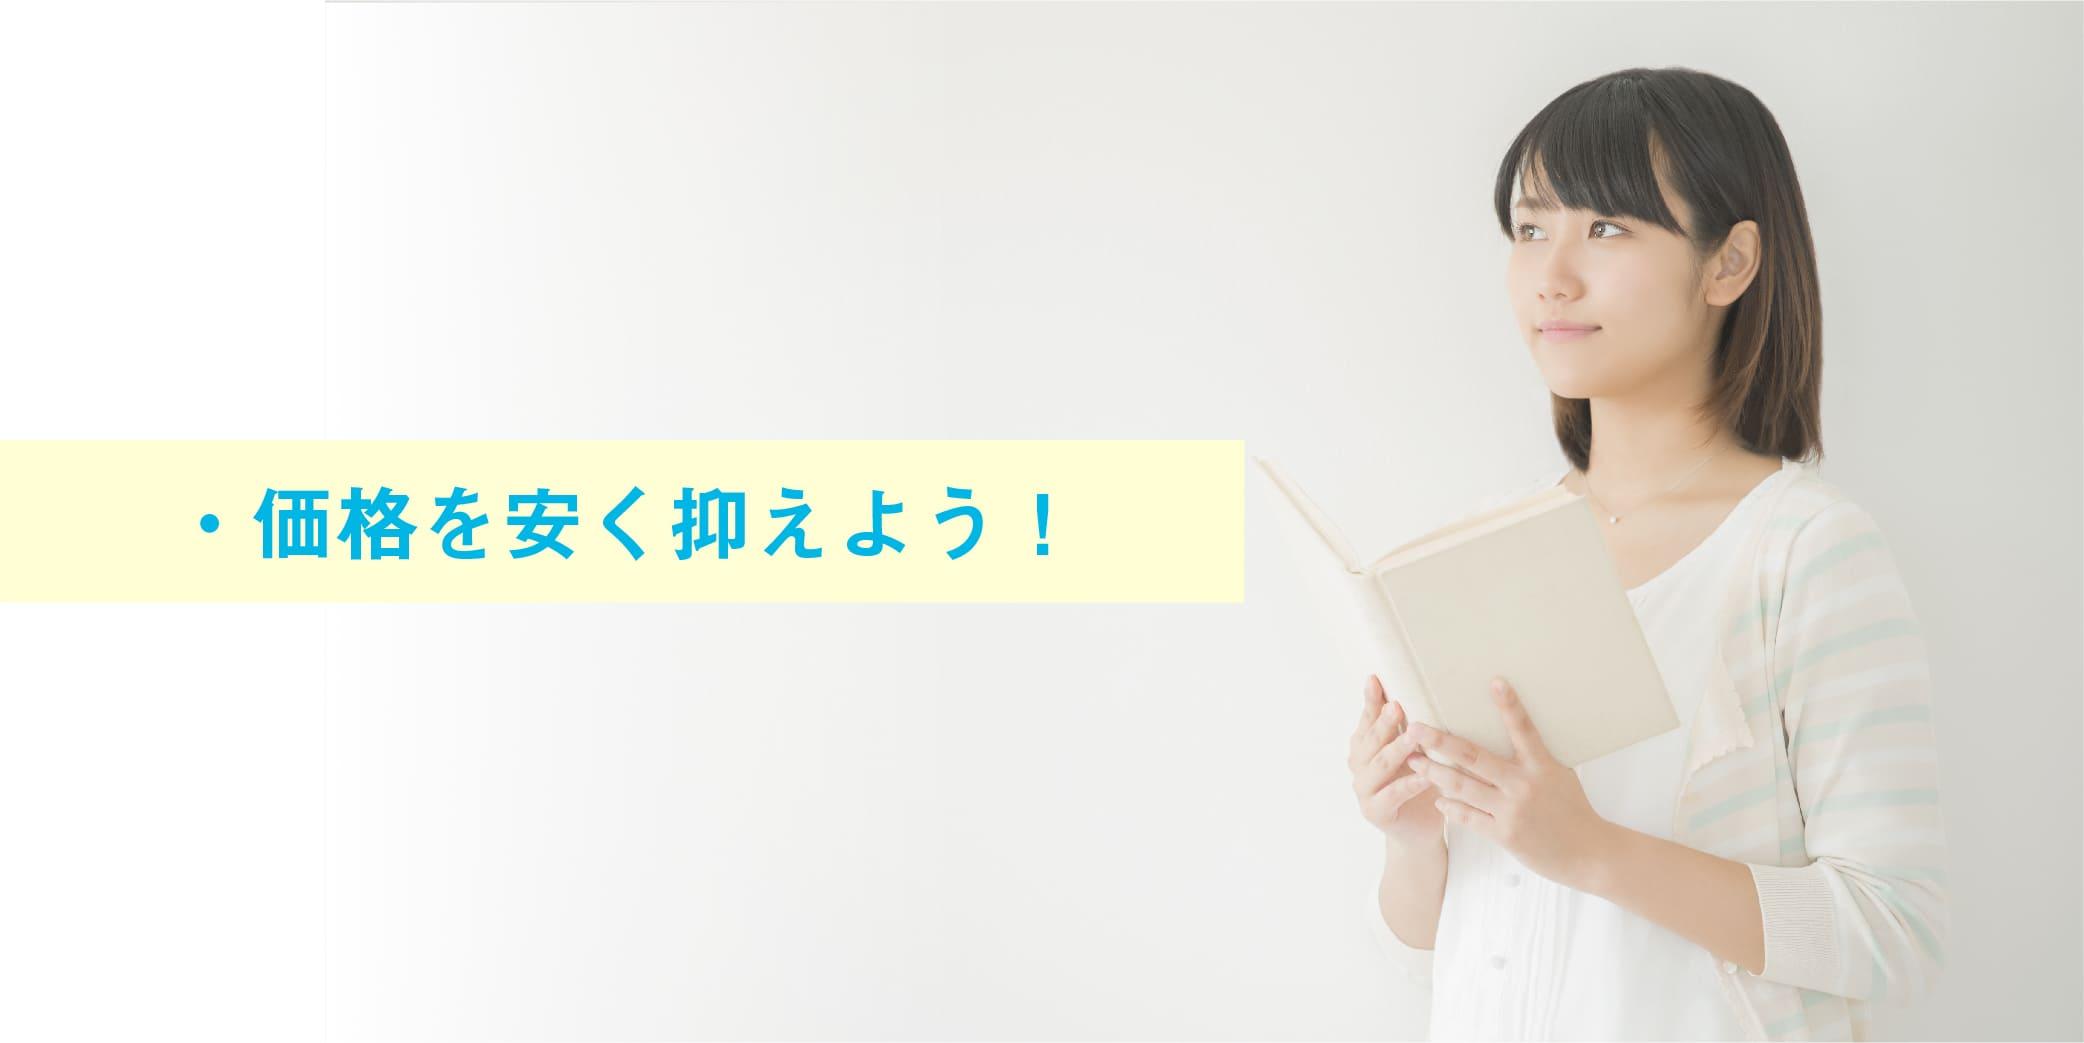 ミセルクリニック加古川院 価格を安く抑えよう!